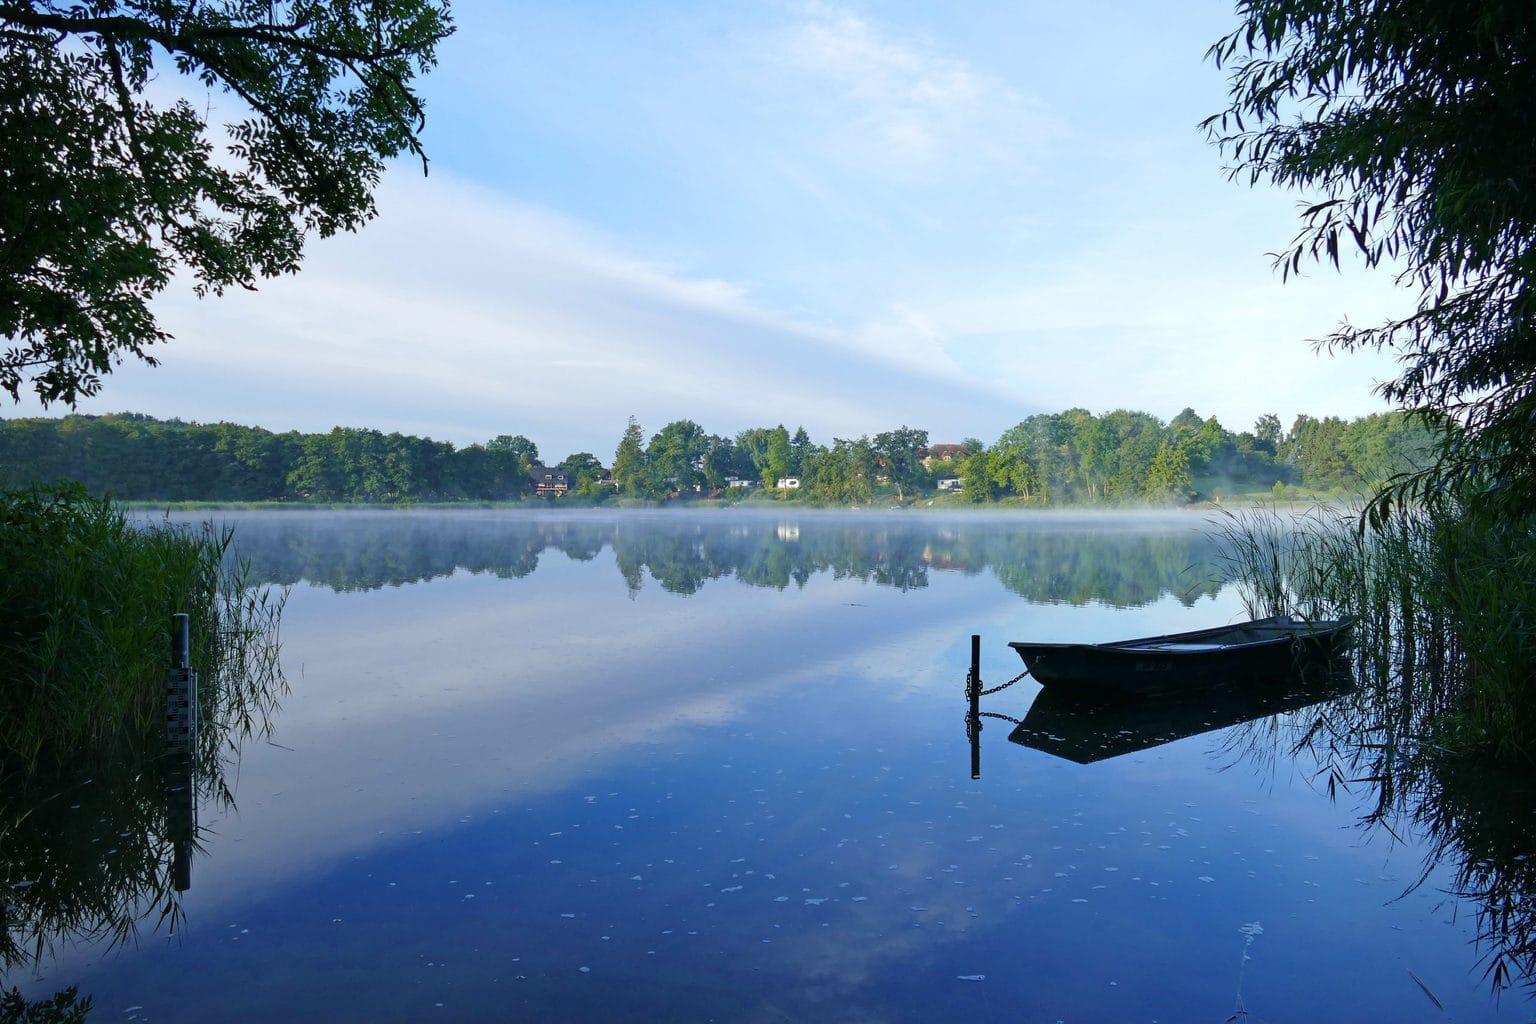 Een boot in de mist op de Pönitzer See in Sleeswijk-Holstein